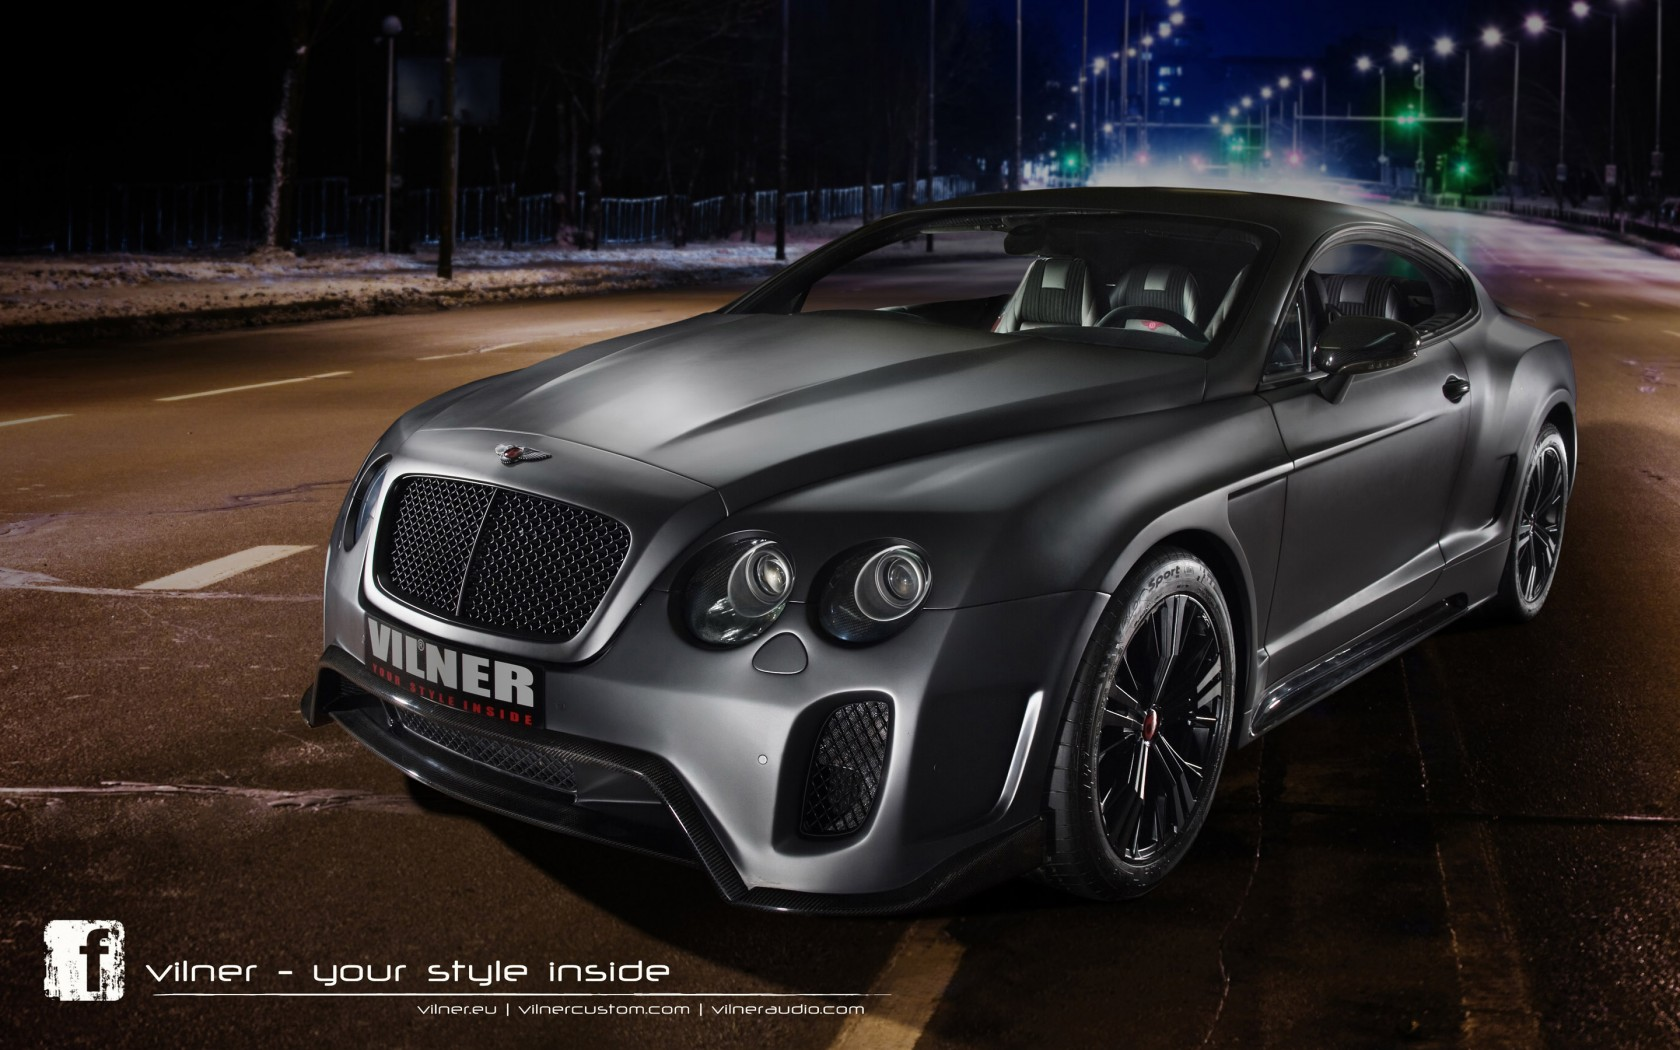 Vilner Bentley Continental GT Wallpaper